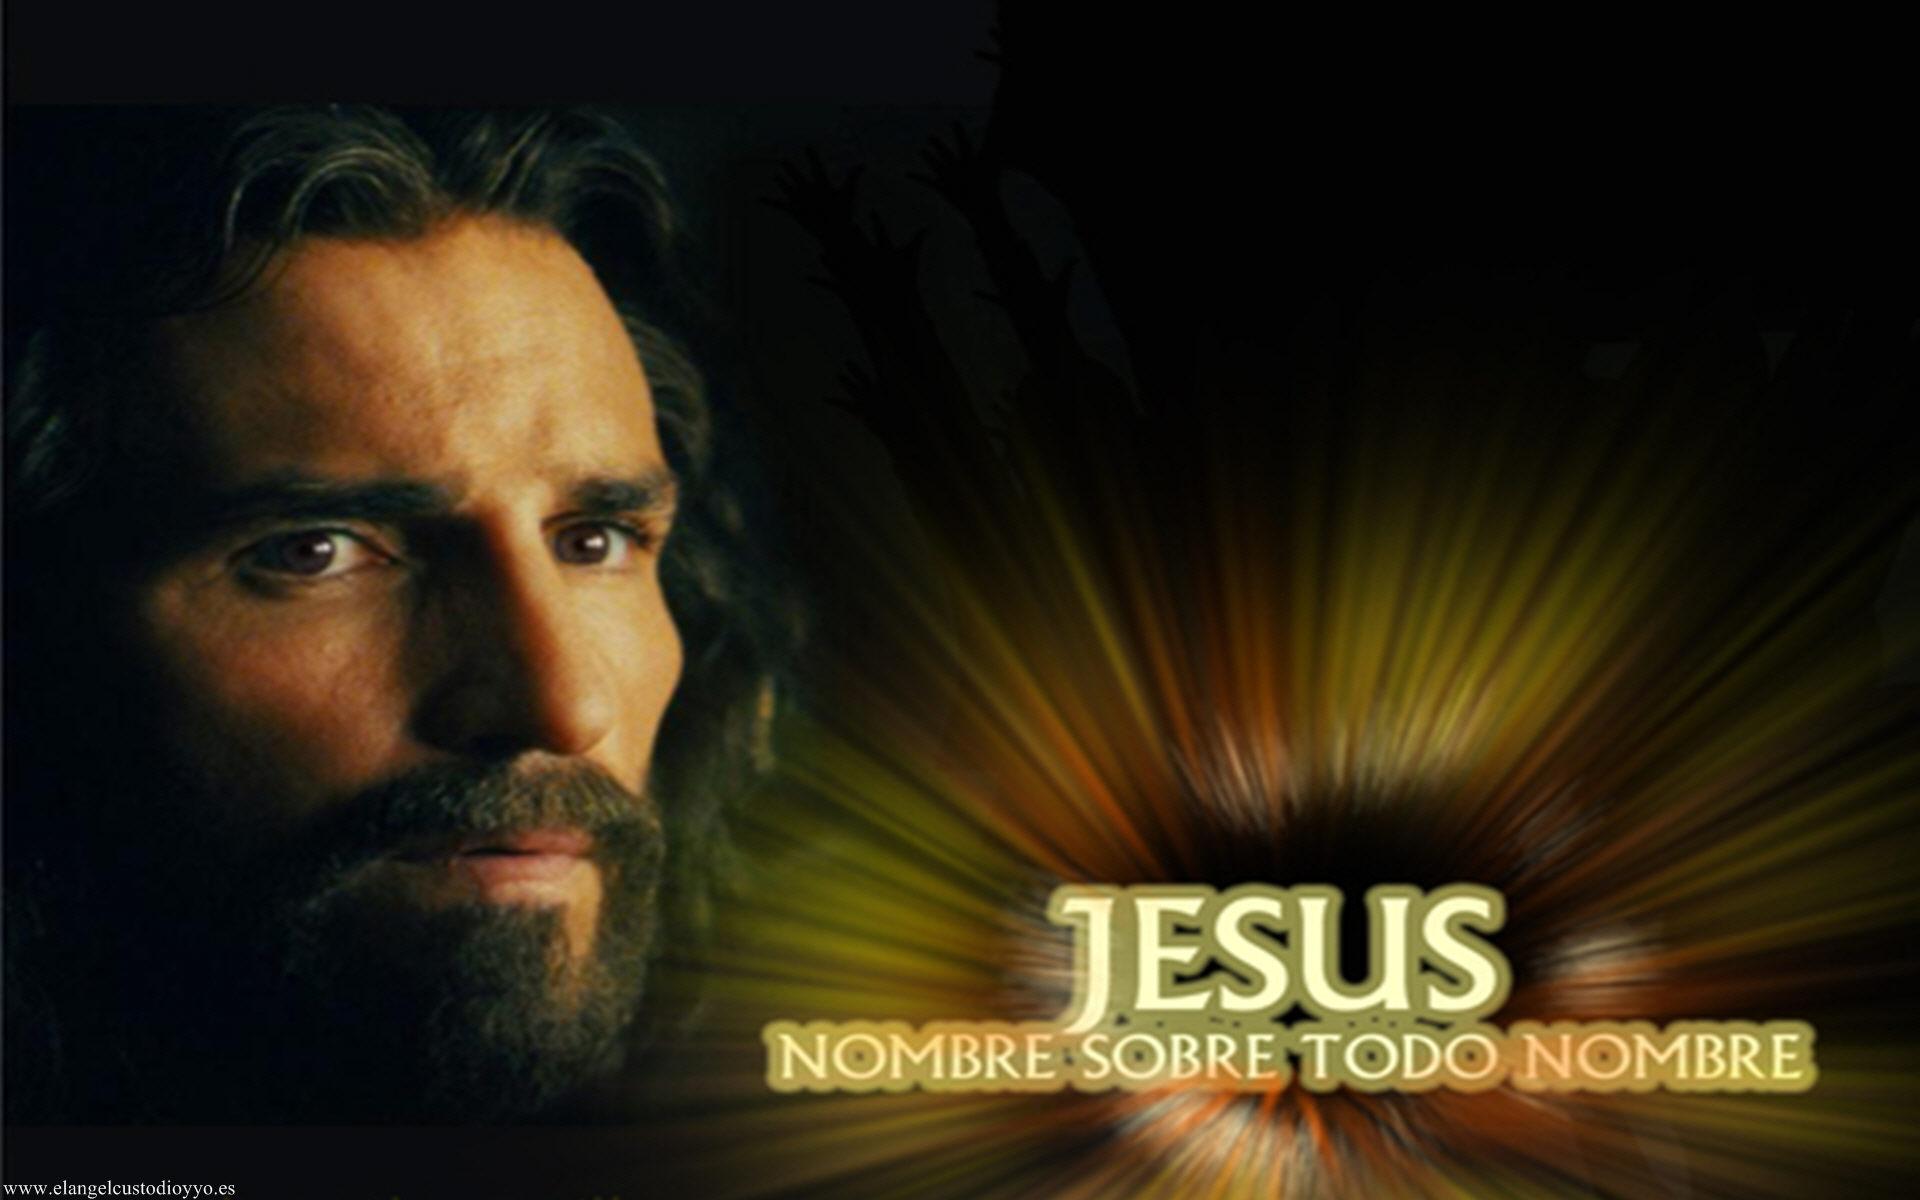 Jesus wallpapers photos and desktop backgrounds up to 8k 7680x4320 resolution - Wallpaper de jesus ...